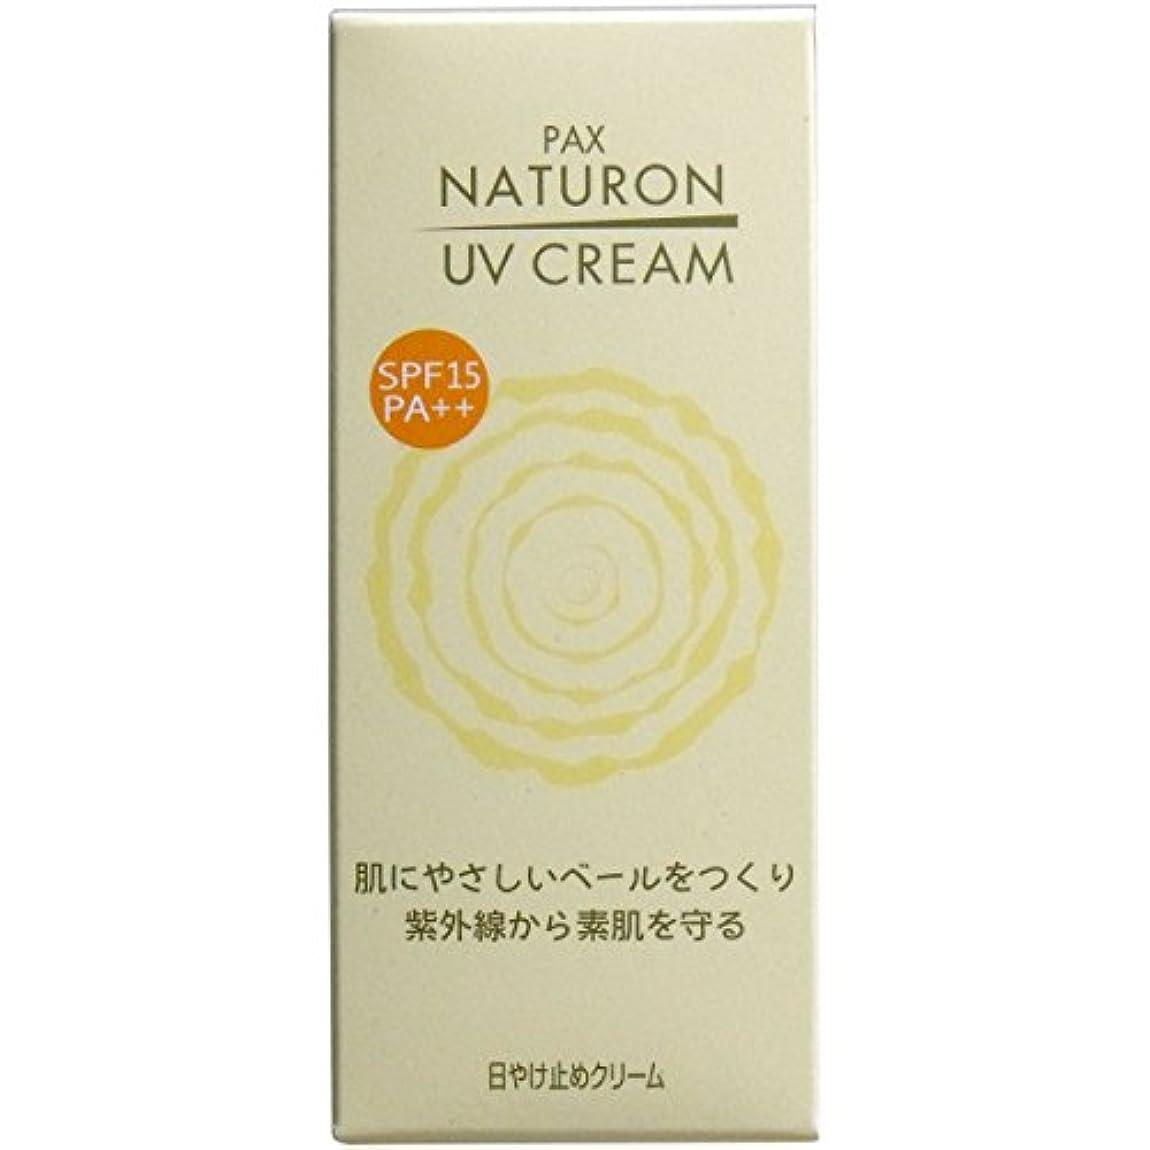 ポータルナサニエル区知る太陽油脂 パックスナチュロン UV クリーム SPF15 PA++ 45g